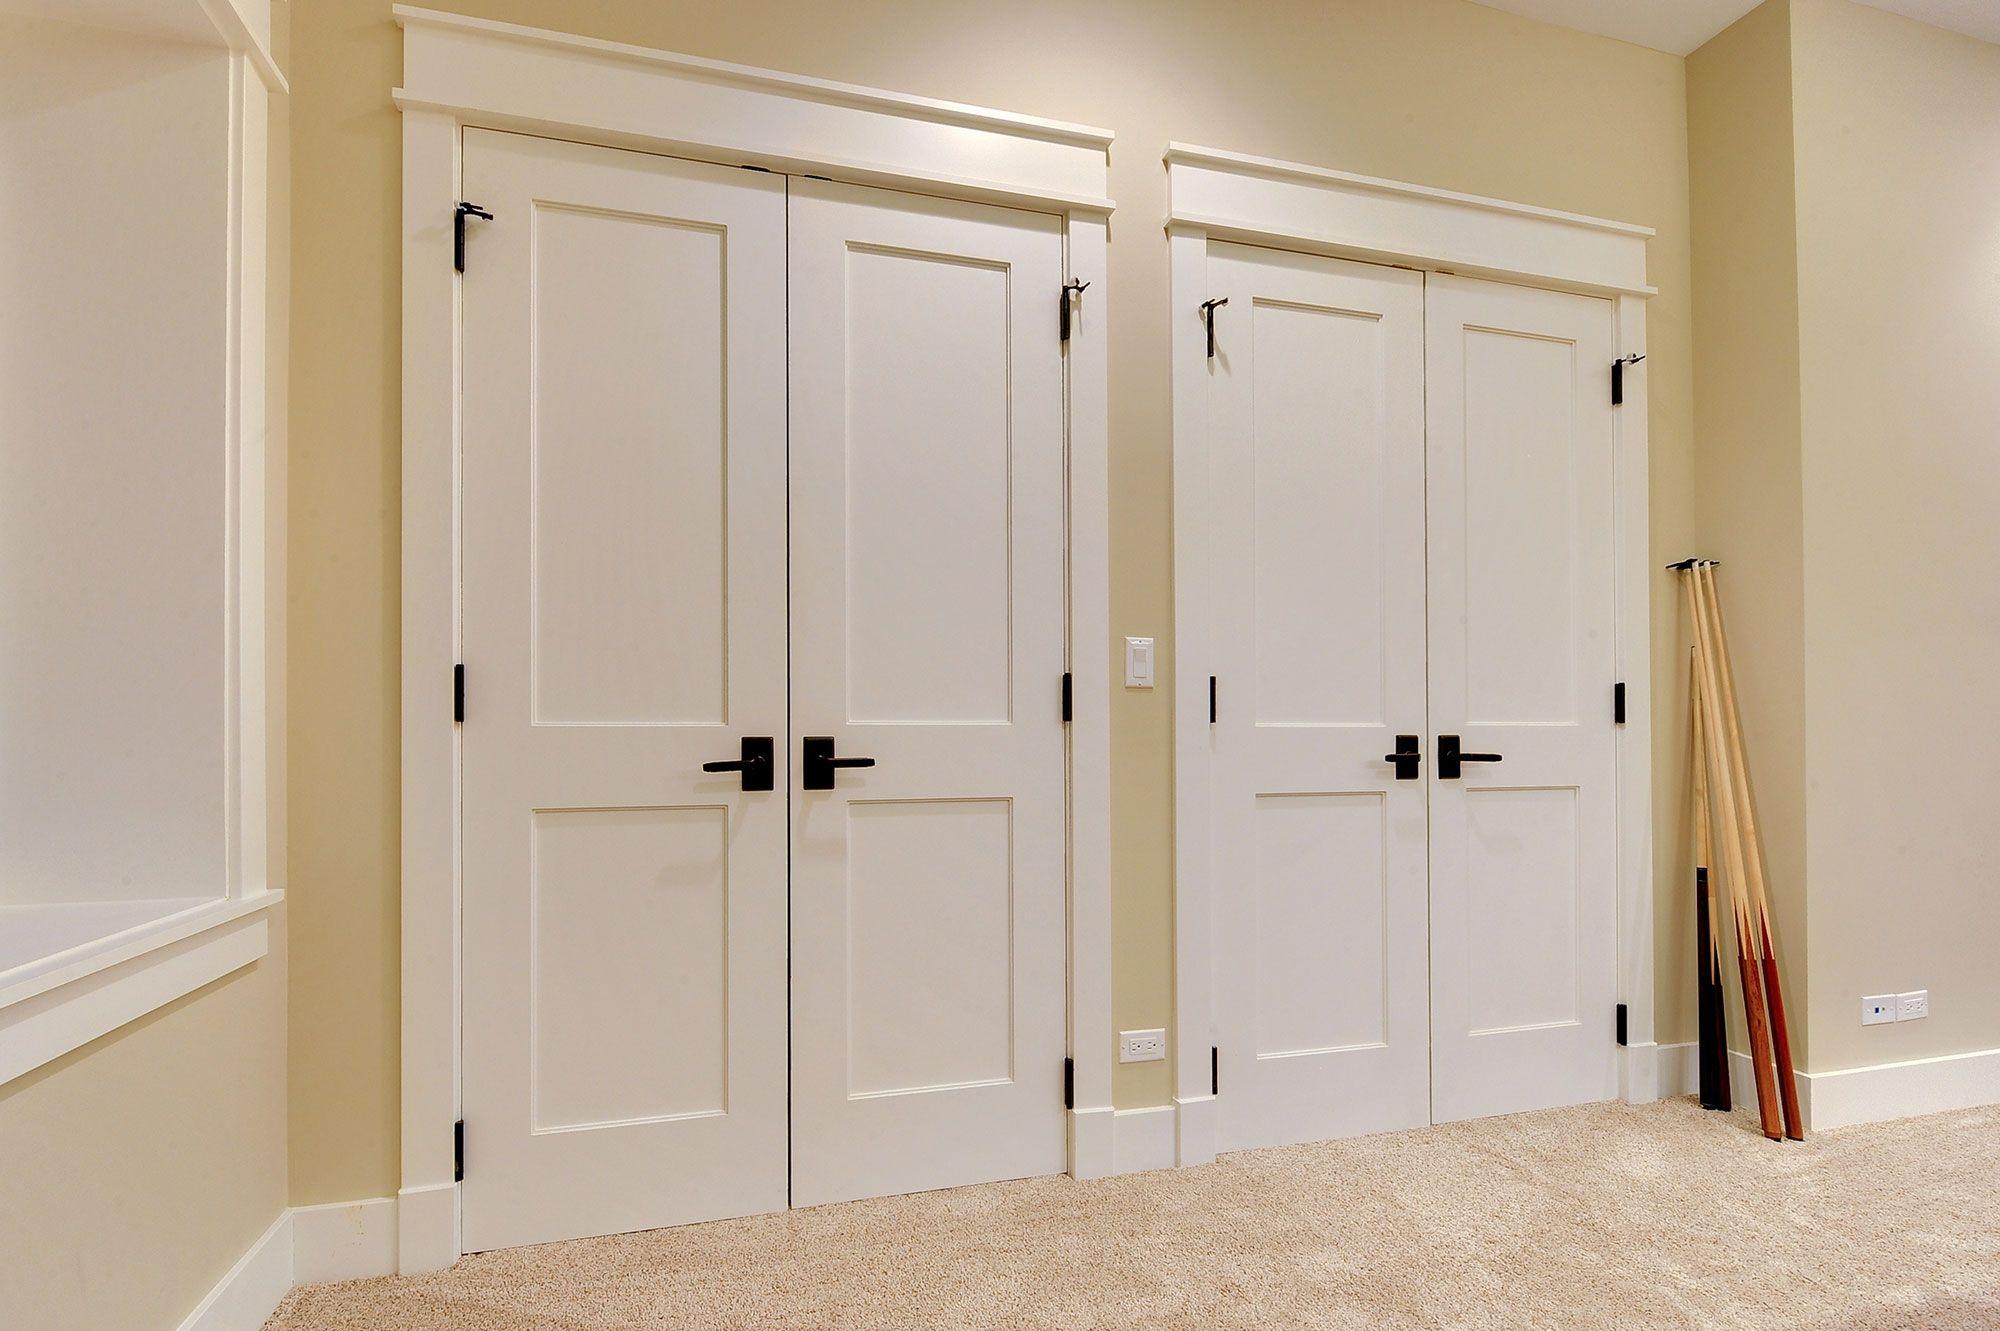 Decor Mesmerizing Menards Closet Doors For Home Decoration